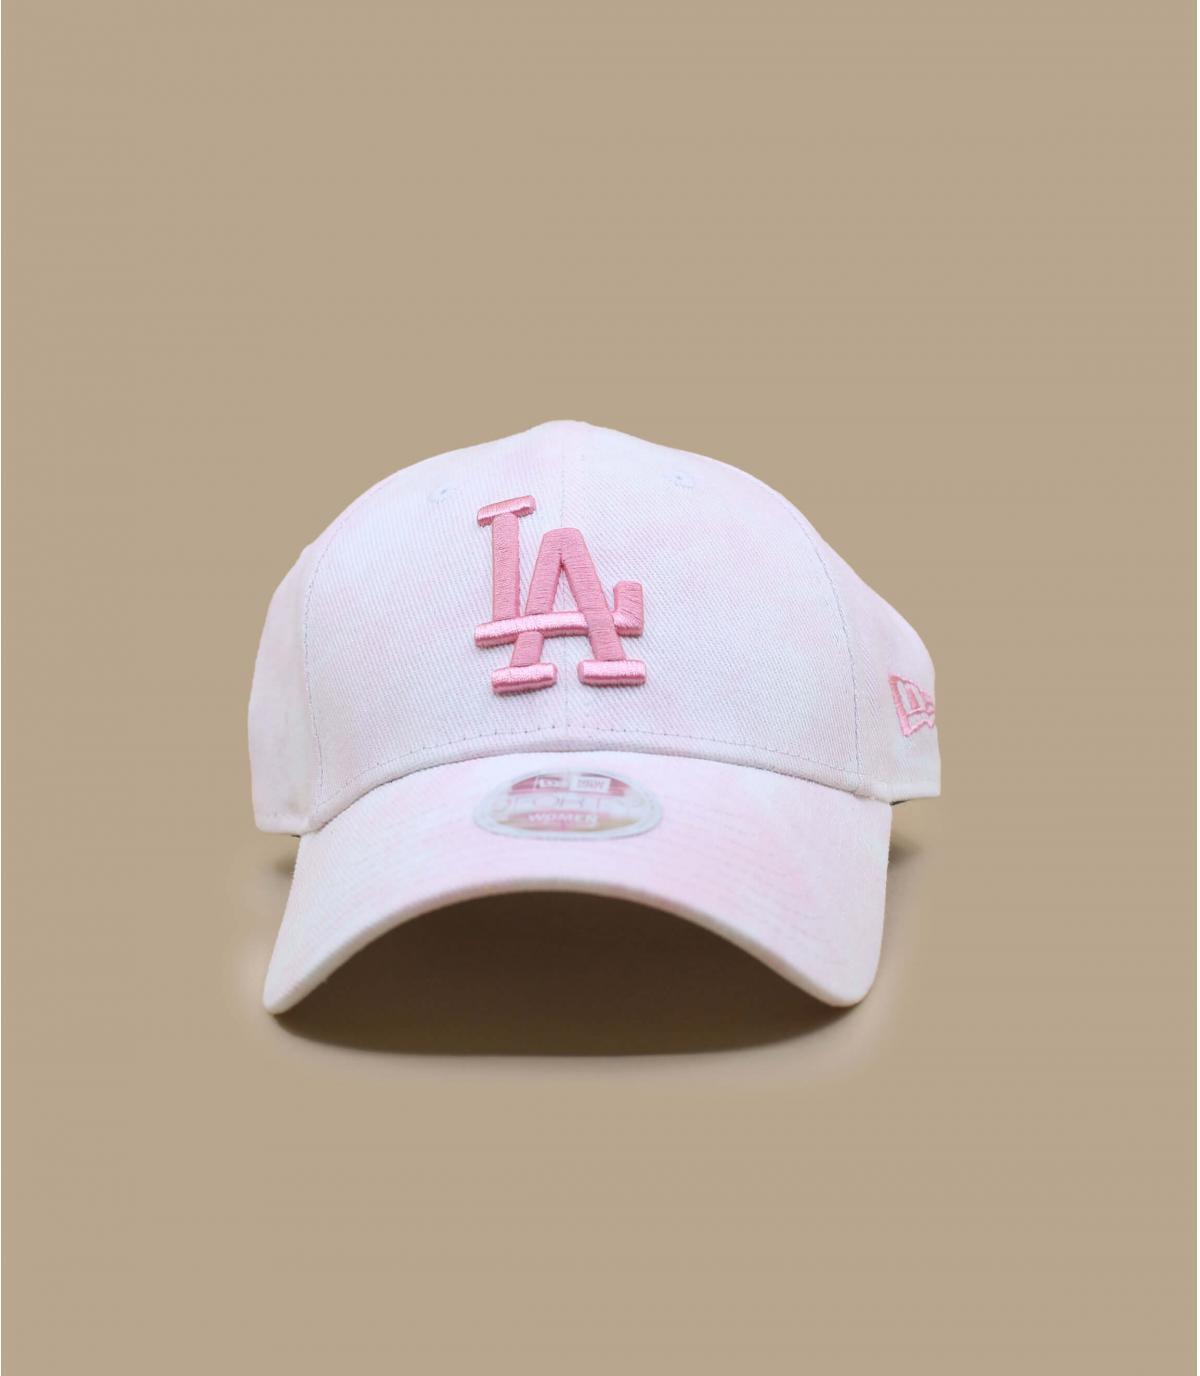 gorra LA blanco rosa